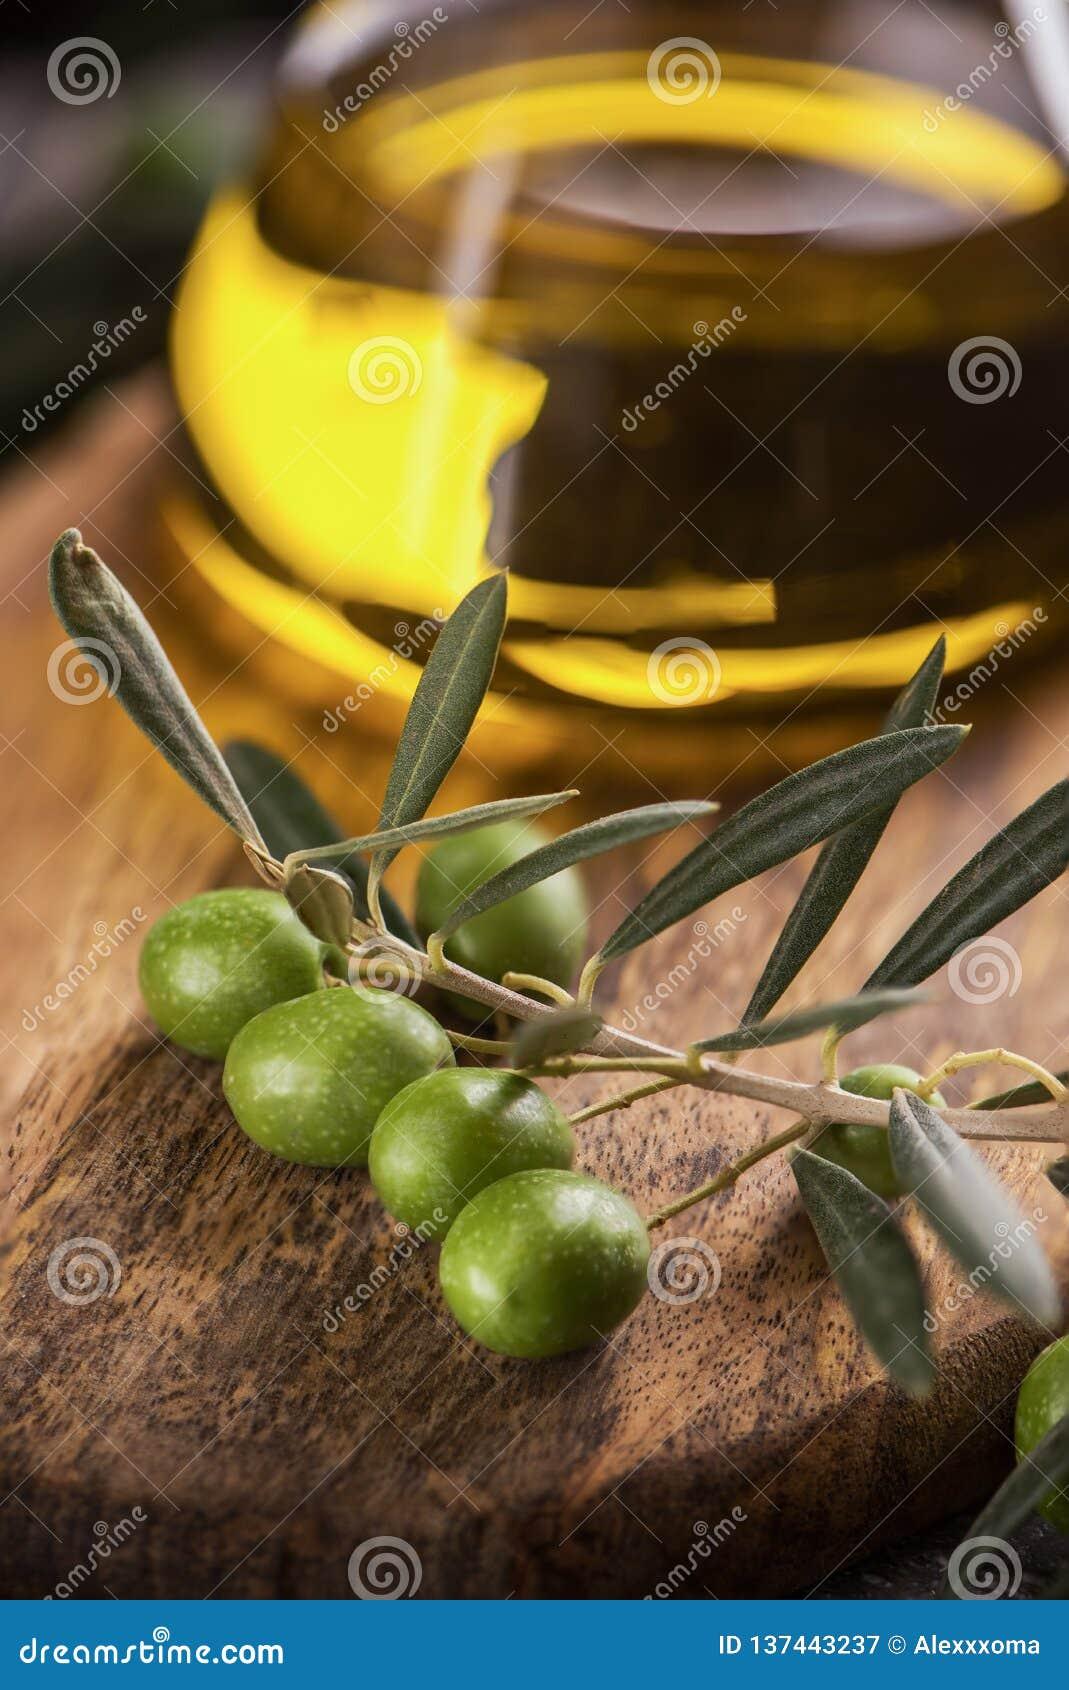 Azeite virgem extra na garrafa de vidro com ramo das azeitonas no fundo rústico